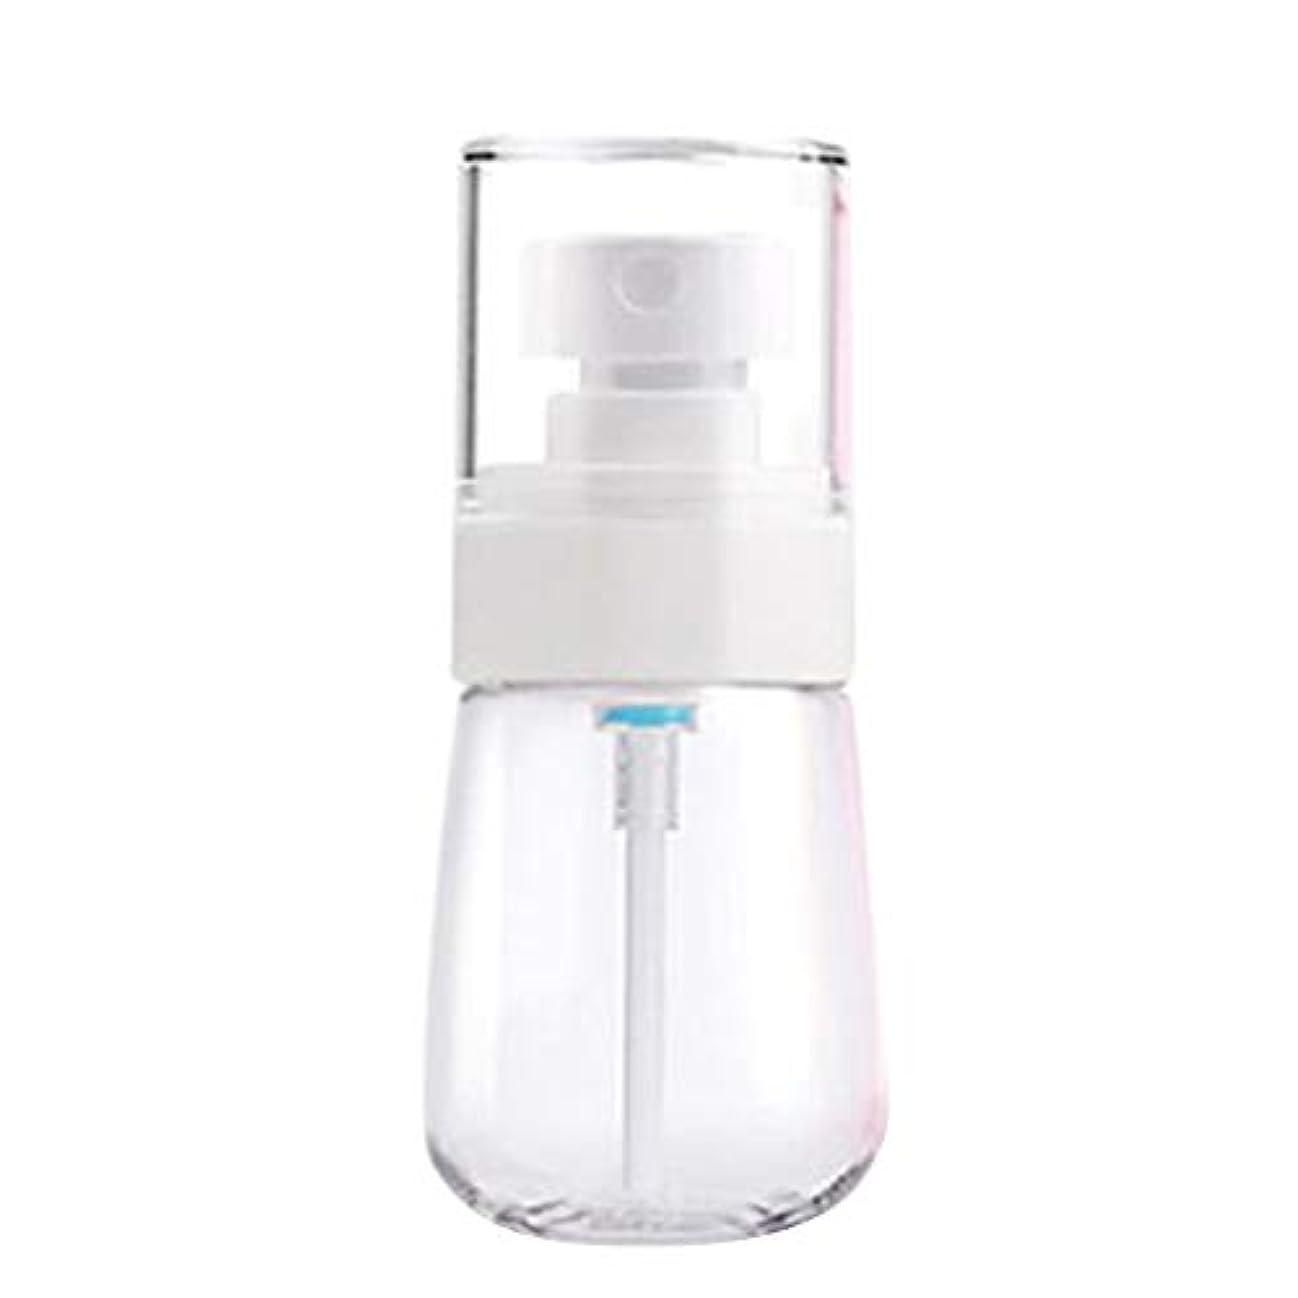 もつれ解体する部族Vi.yo 小分けボトル スプレーボトル トラベルボトル 化粧水 詰替用ボトル 携帯用 旅行 出張 100ml 透明